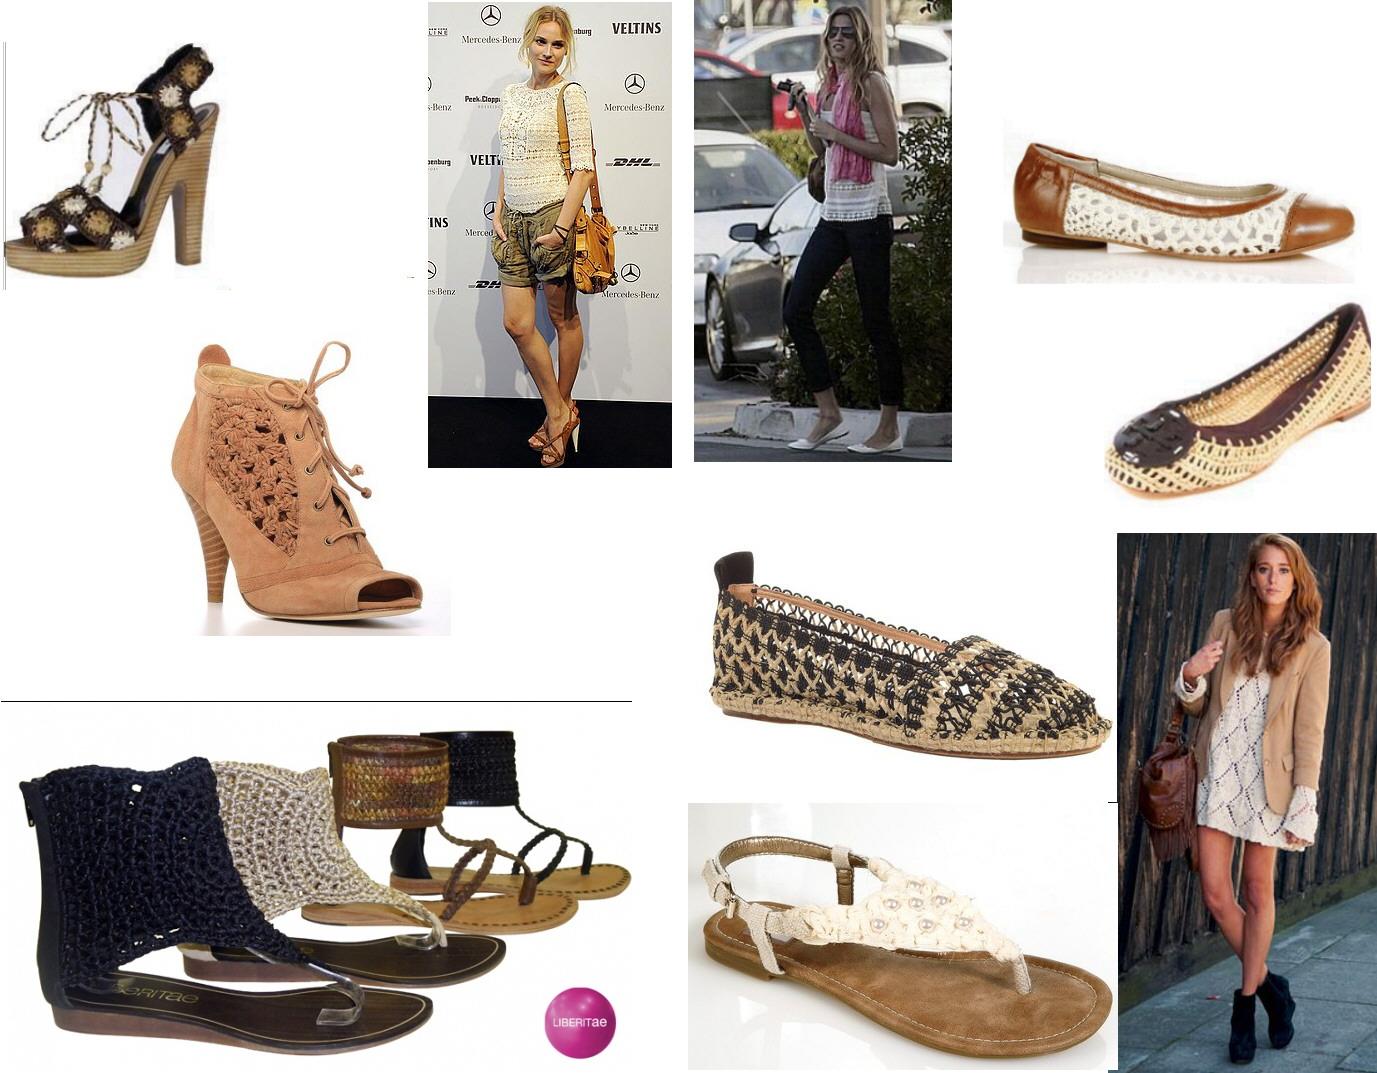 Crocheting Vs Macrame : en c o l o r e s , como las de Bimba y Lola con su generoso tacon y ...